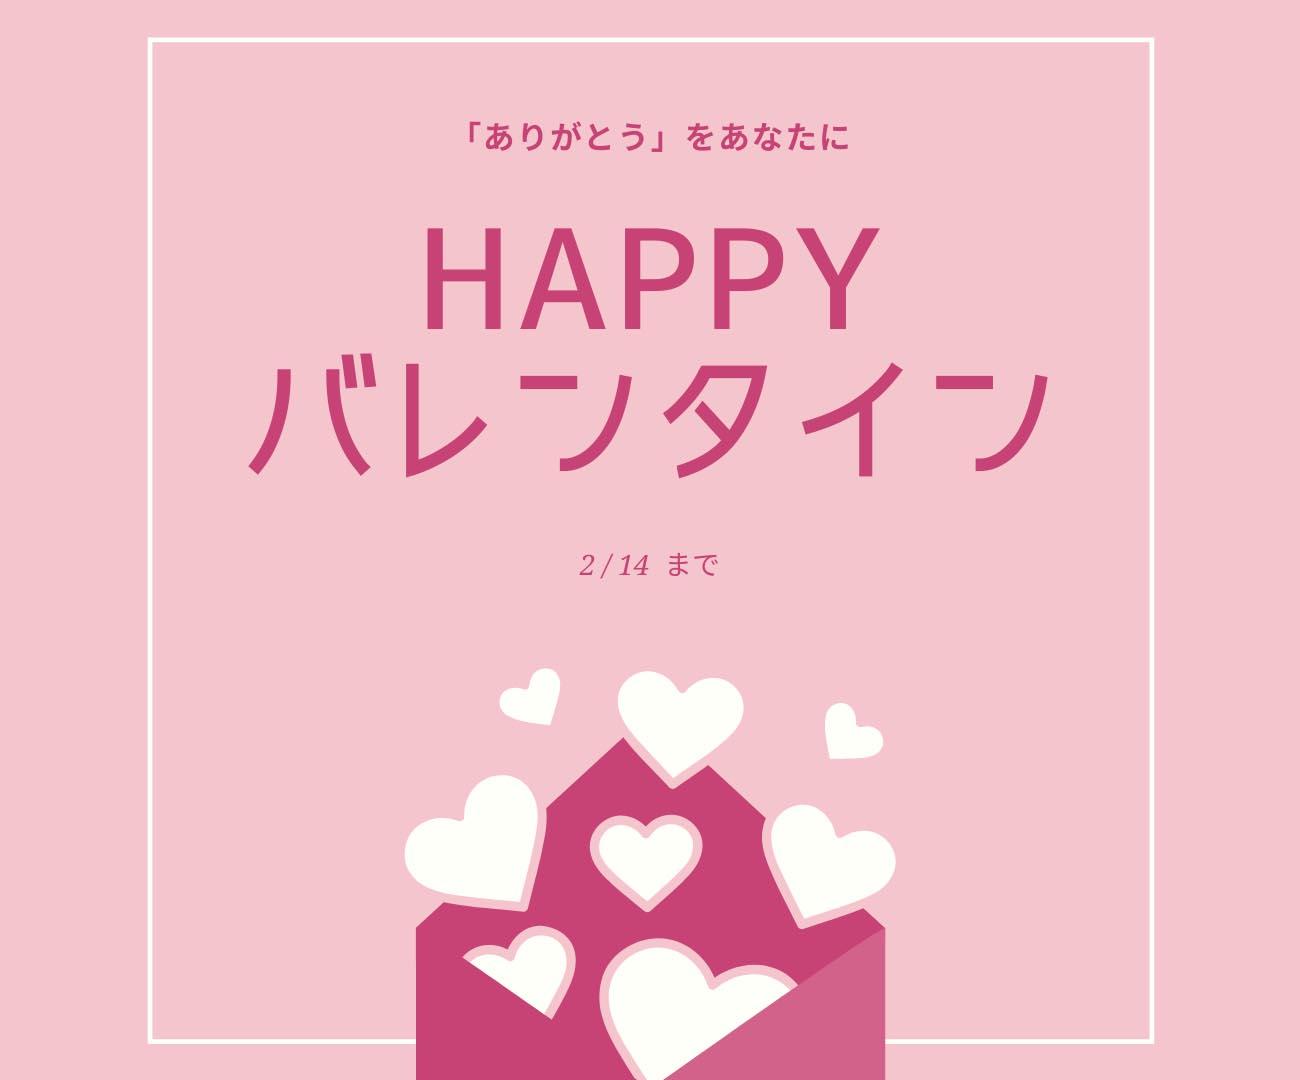 HAPPY バレンタイン